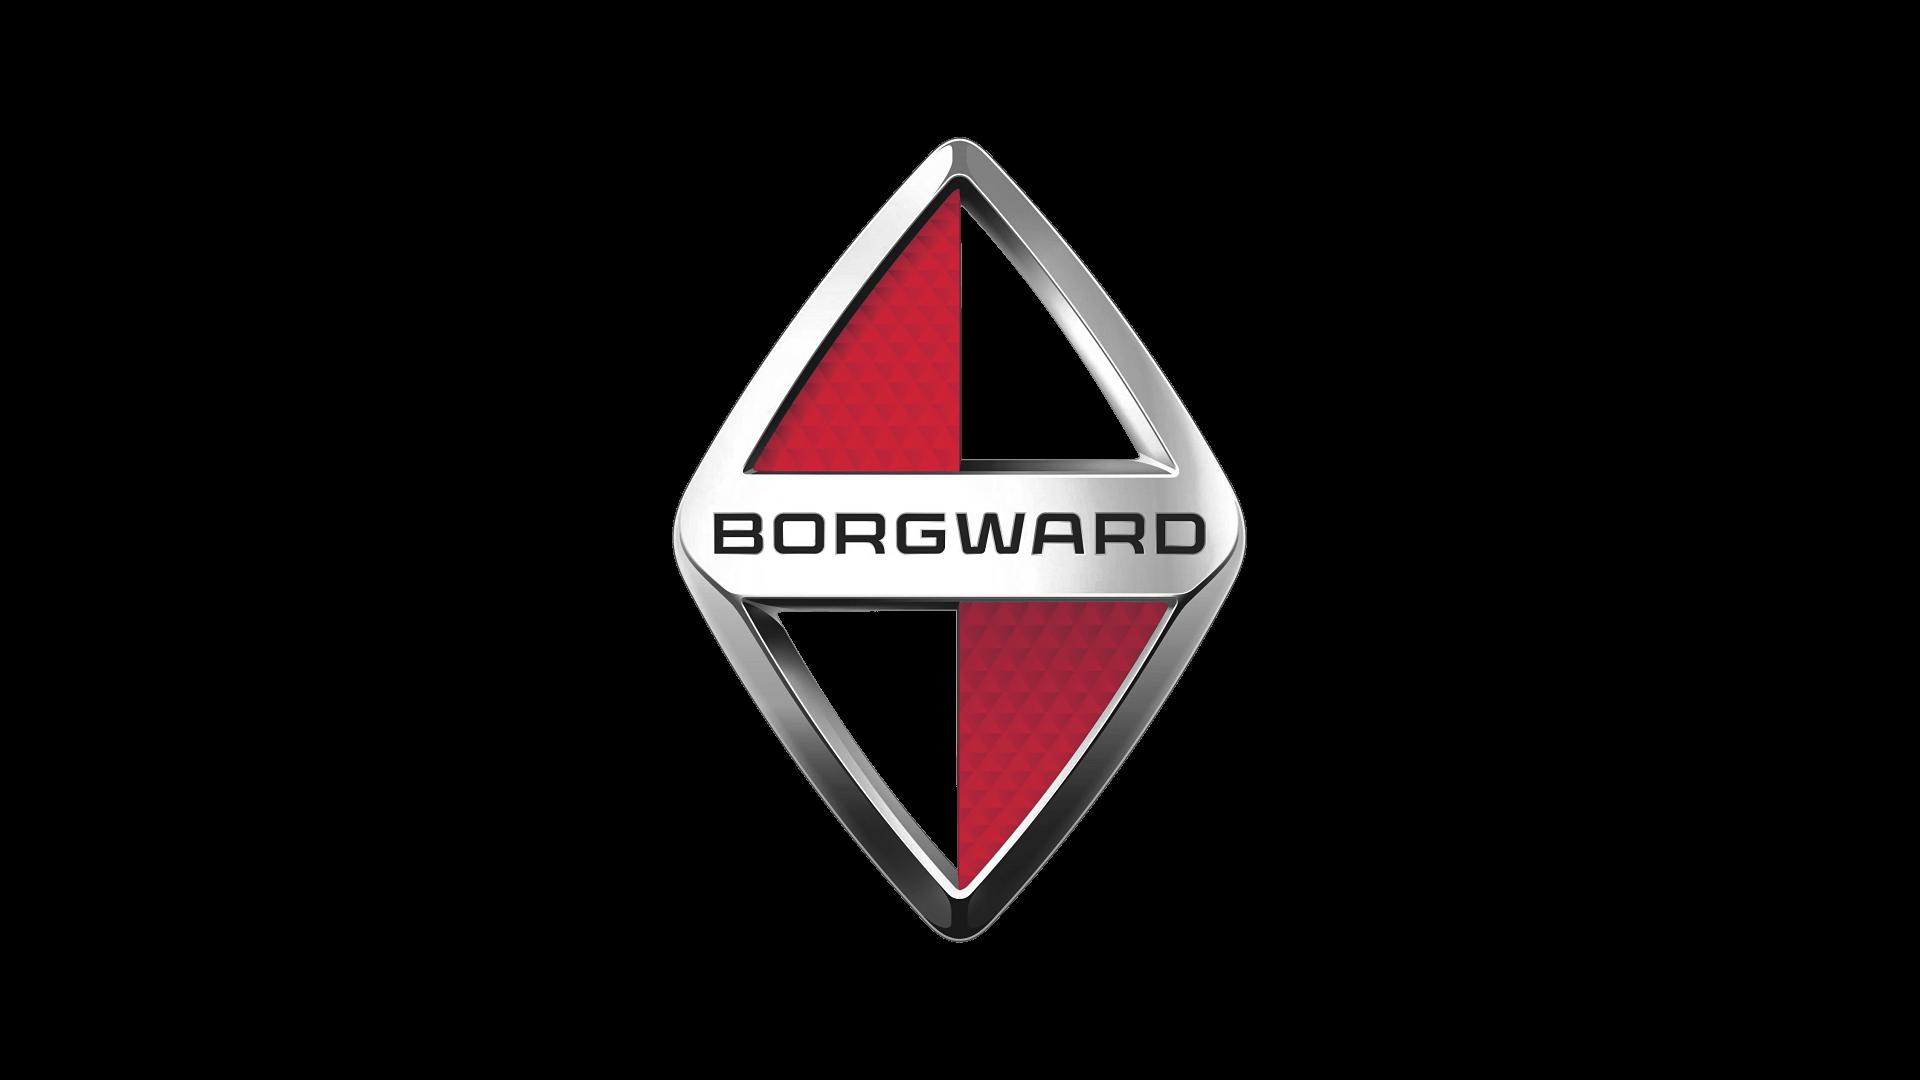 Car symbol clipart image freeuse download Car Logo Bmw transparent PNG - StickPNG image freeuse download